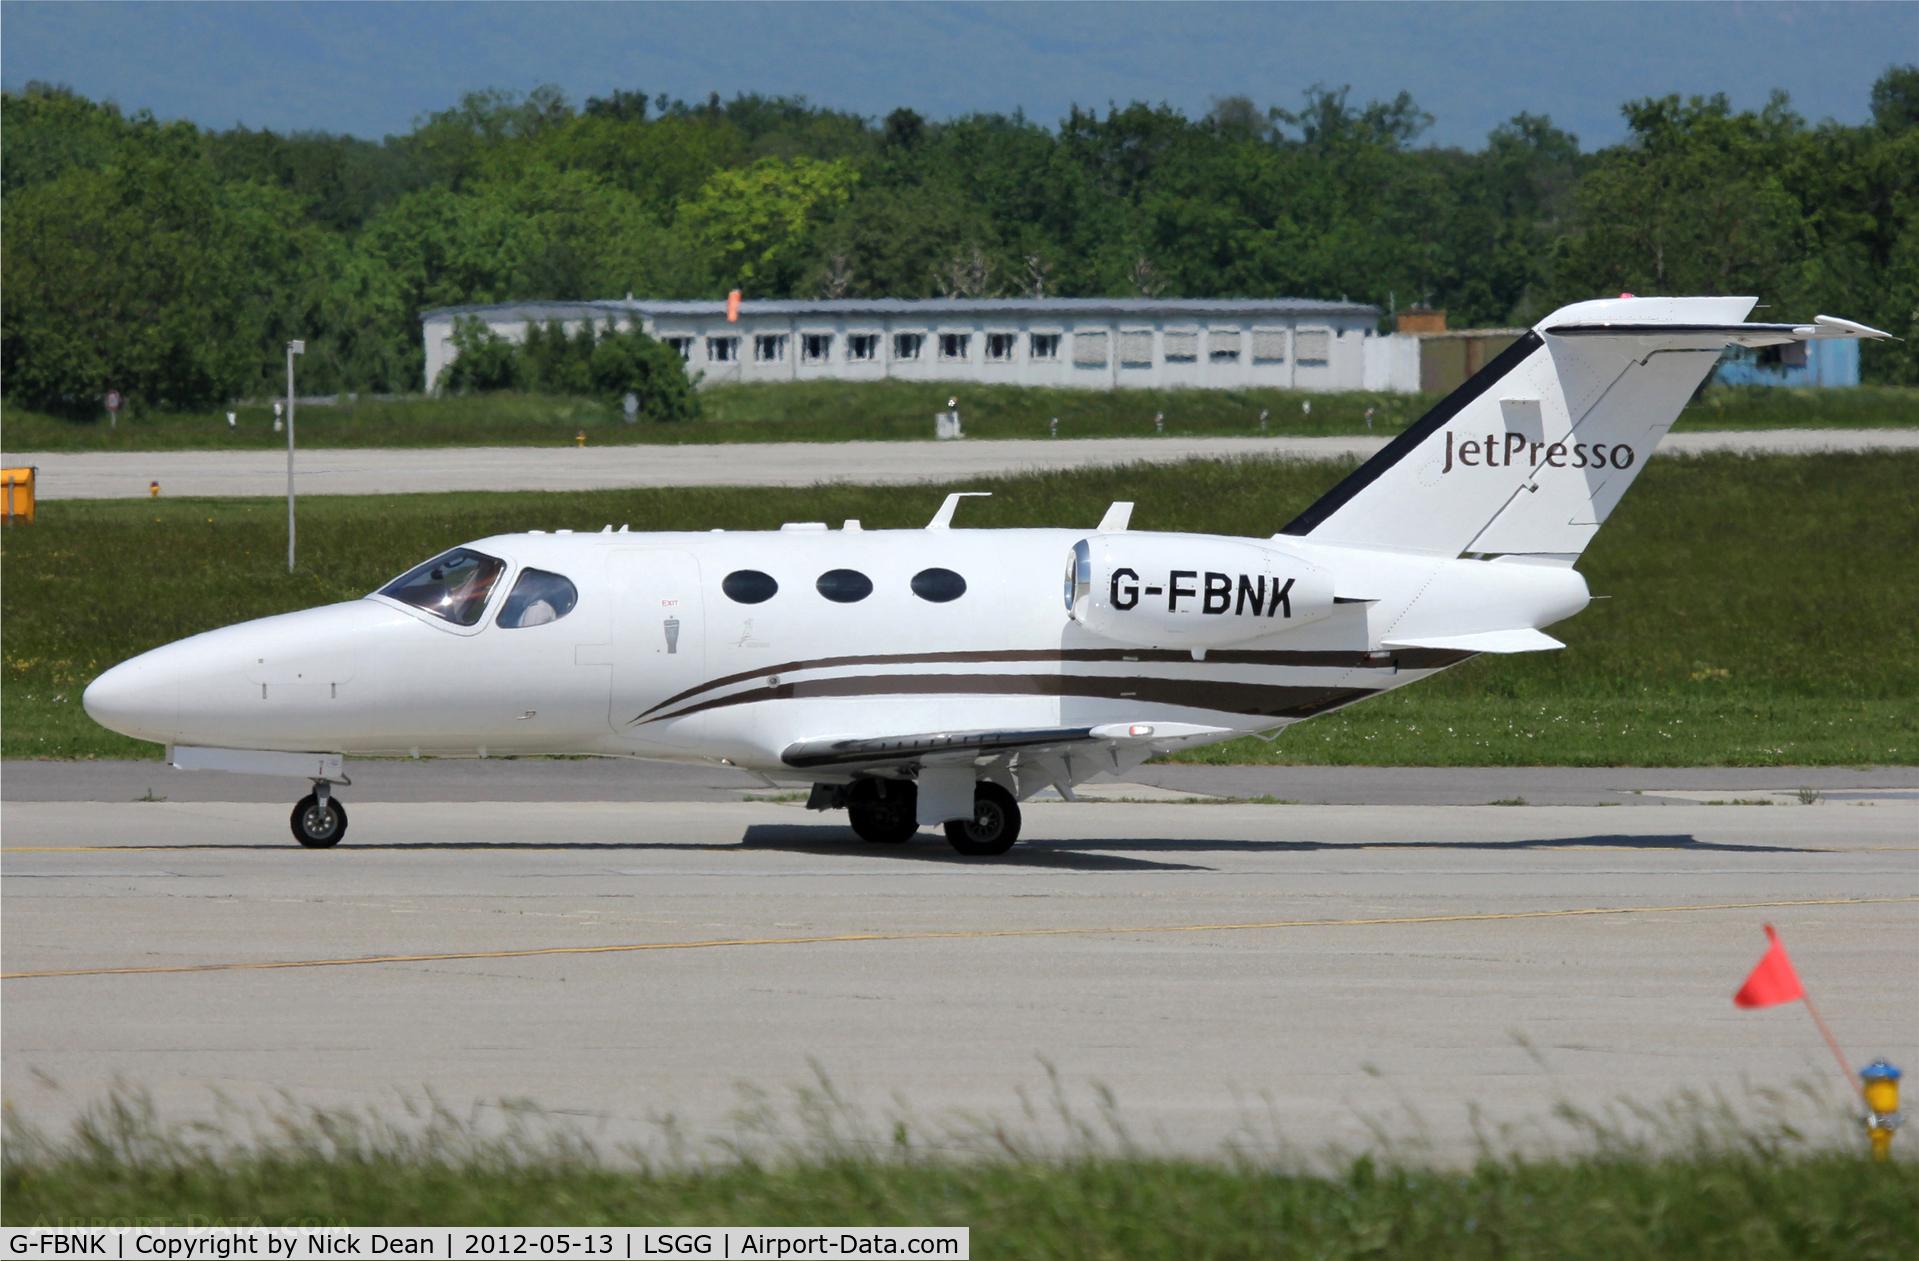 G-FBNK, 2008 Cessna 510 Citation Mustang Citation Mustang C/N 510-0067, LSGG/GVA EBACE 2012